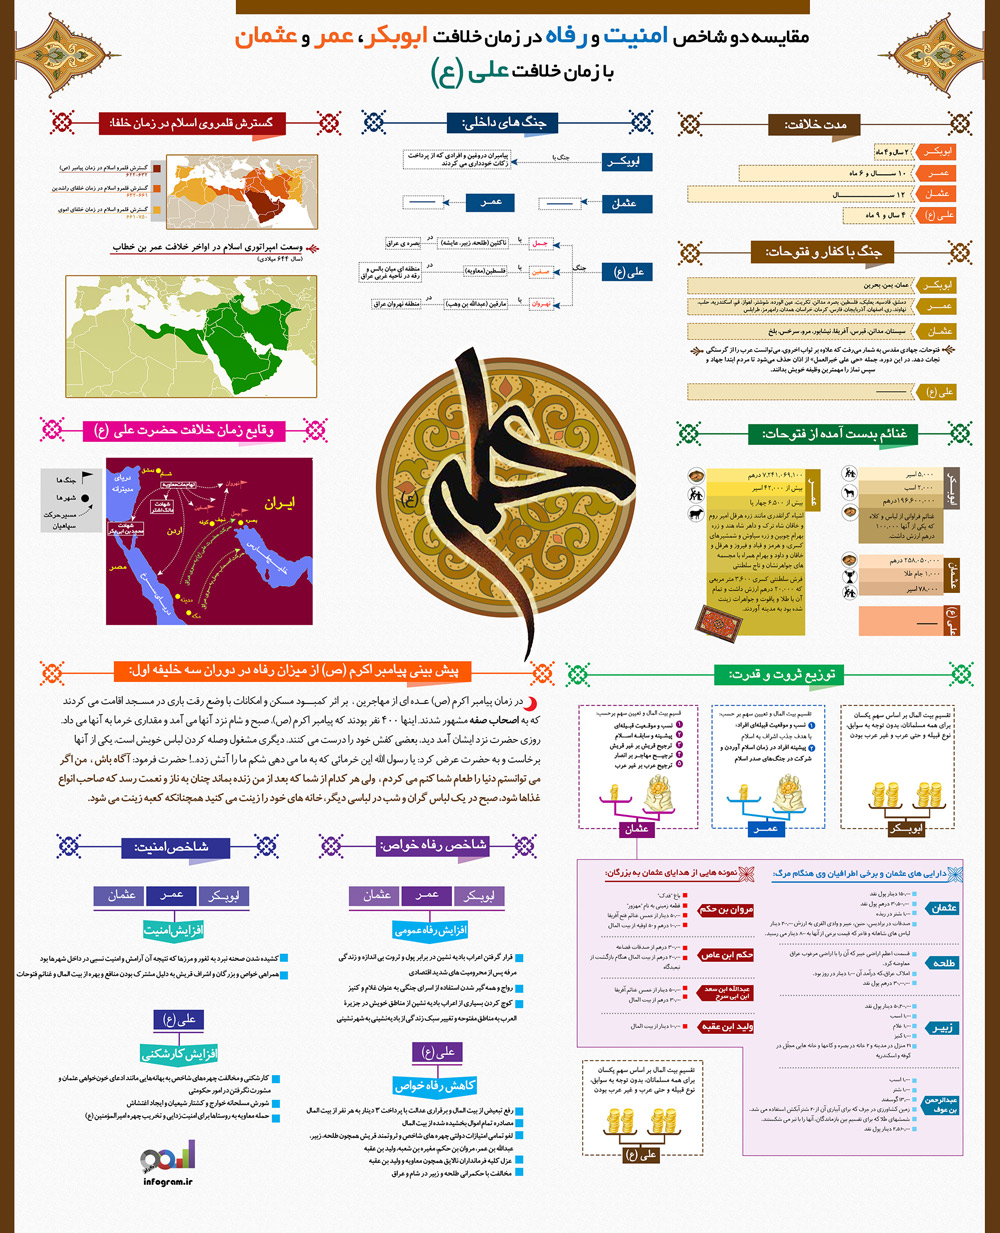 اینفوگرافیک امام علی